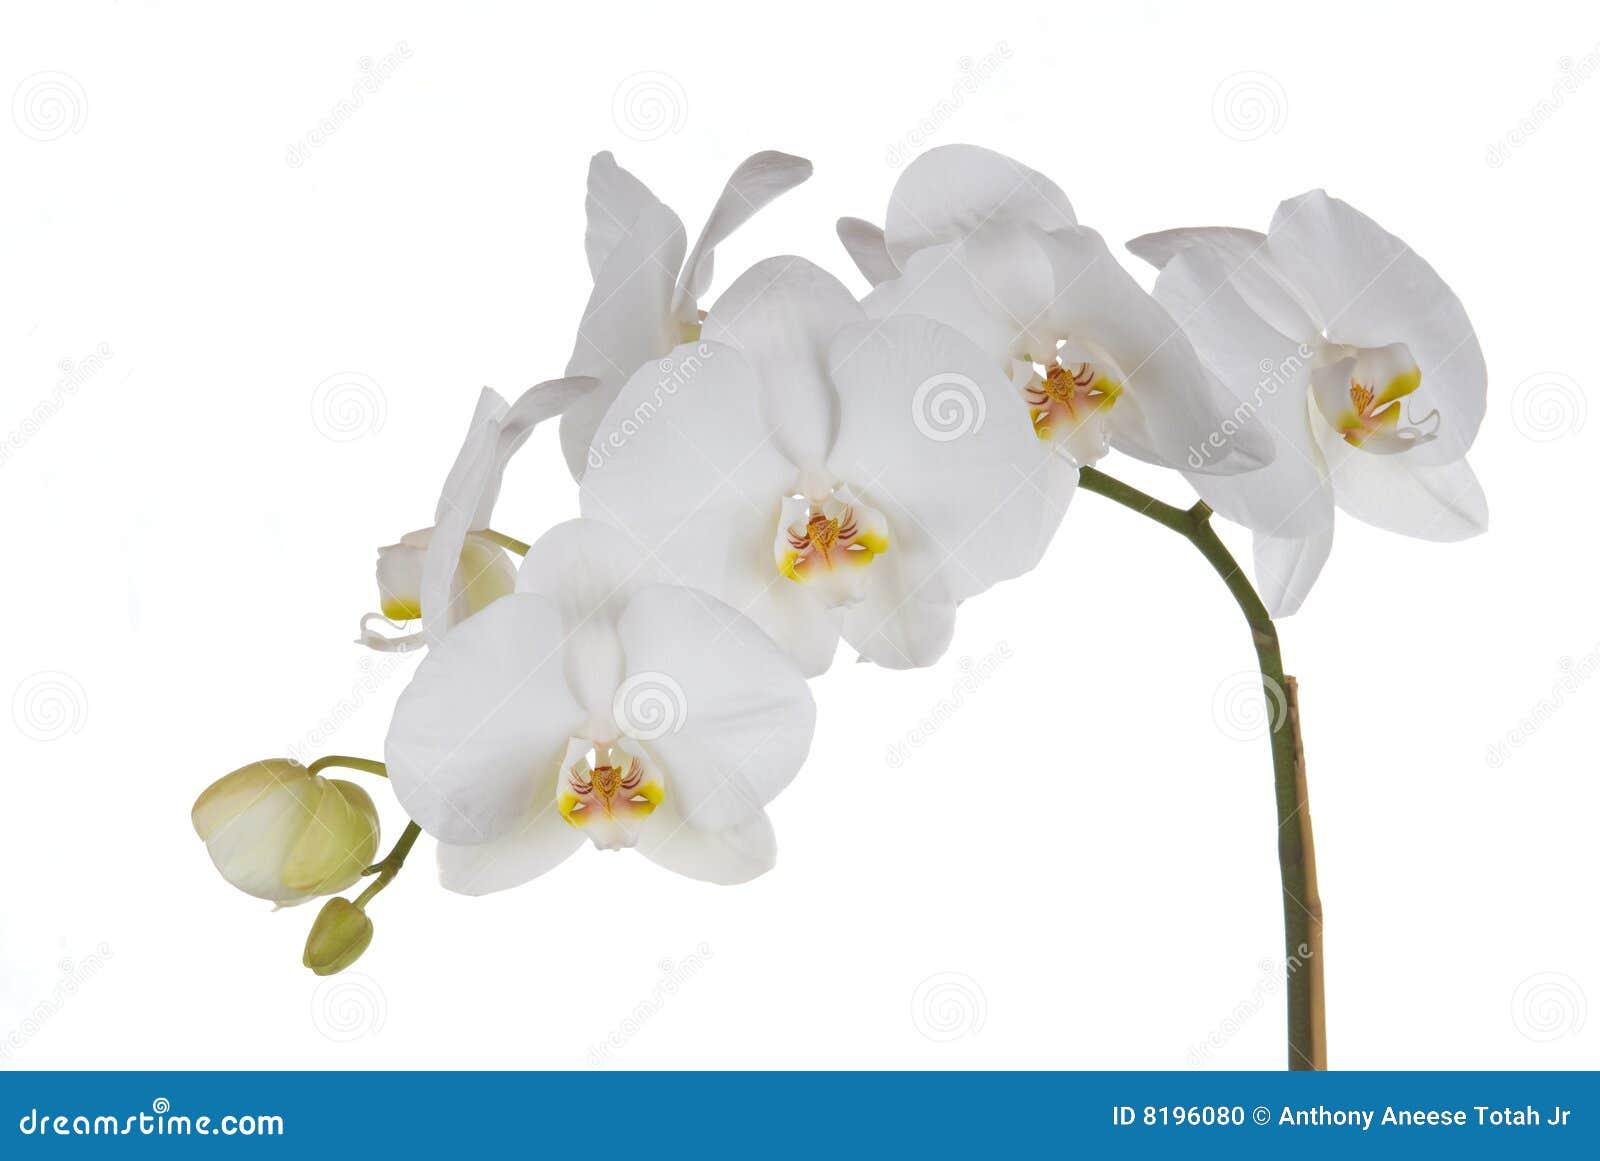 Купить букет цветов с доставкой недорого в Москве в